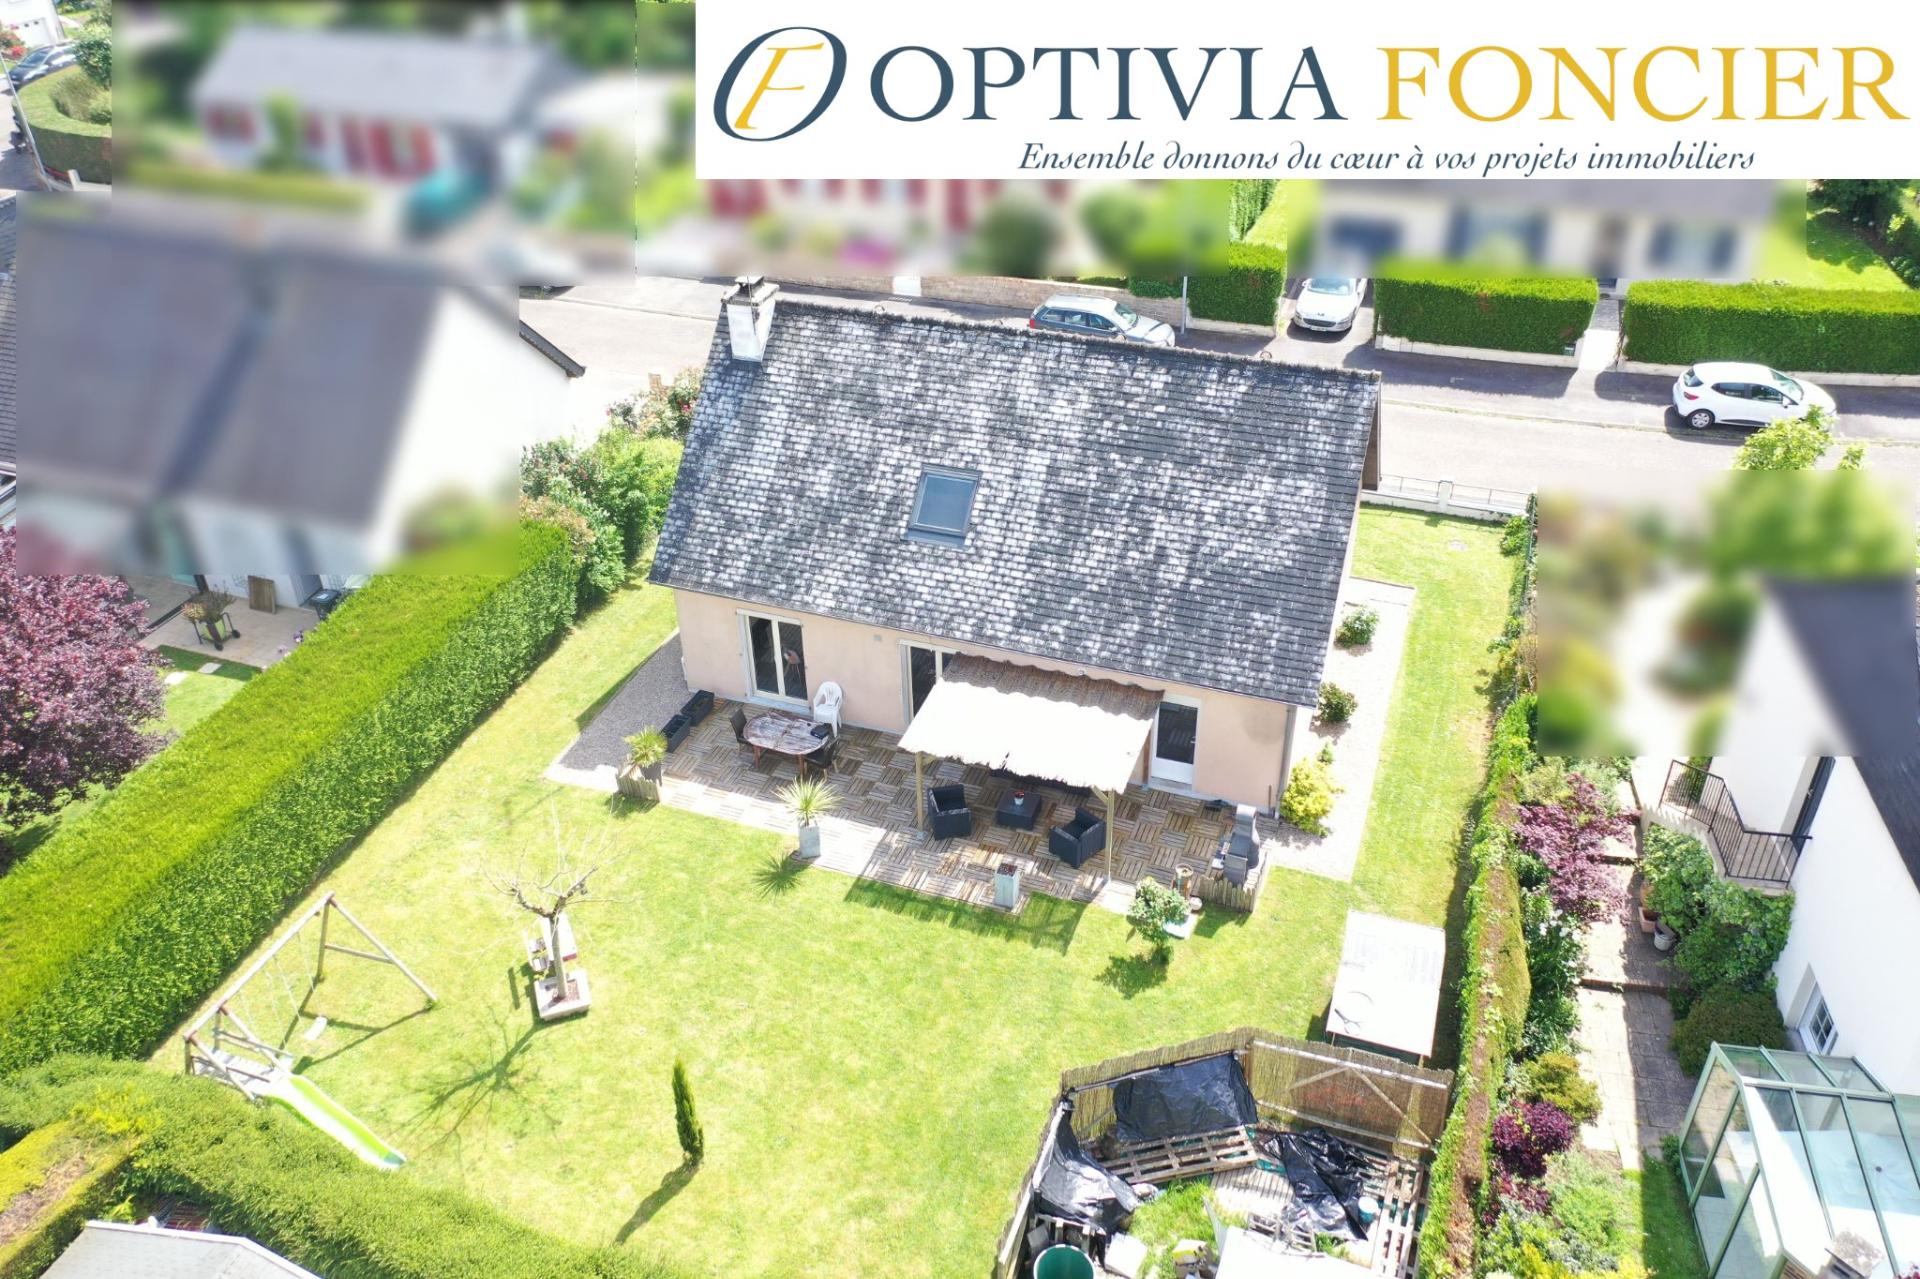 Maison T5 Pont Réan (106 m²) - Belles prestations - 538 m² de terrain